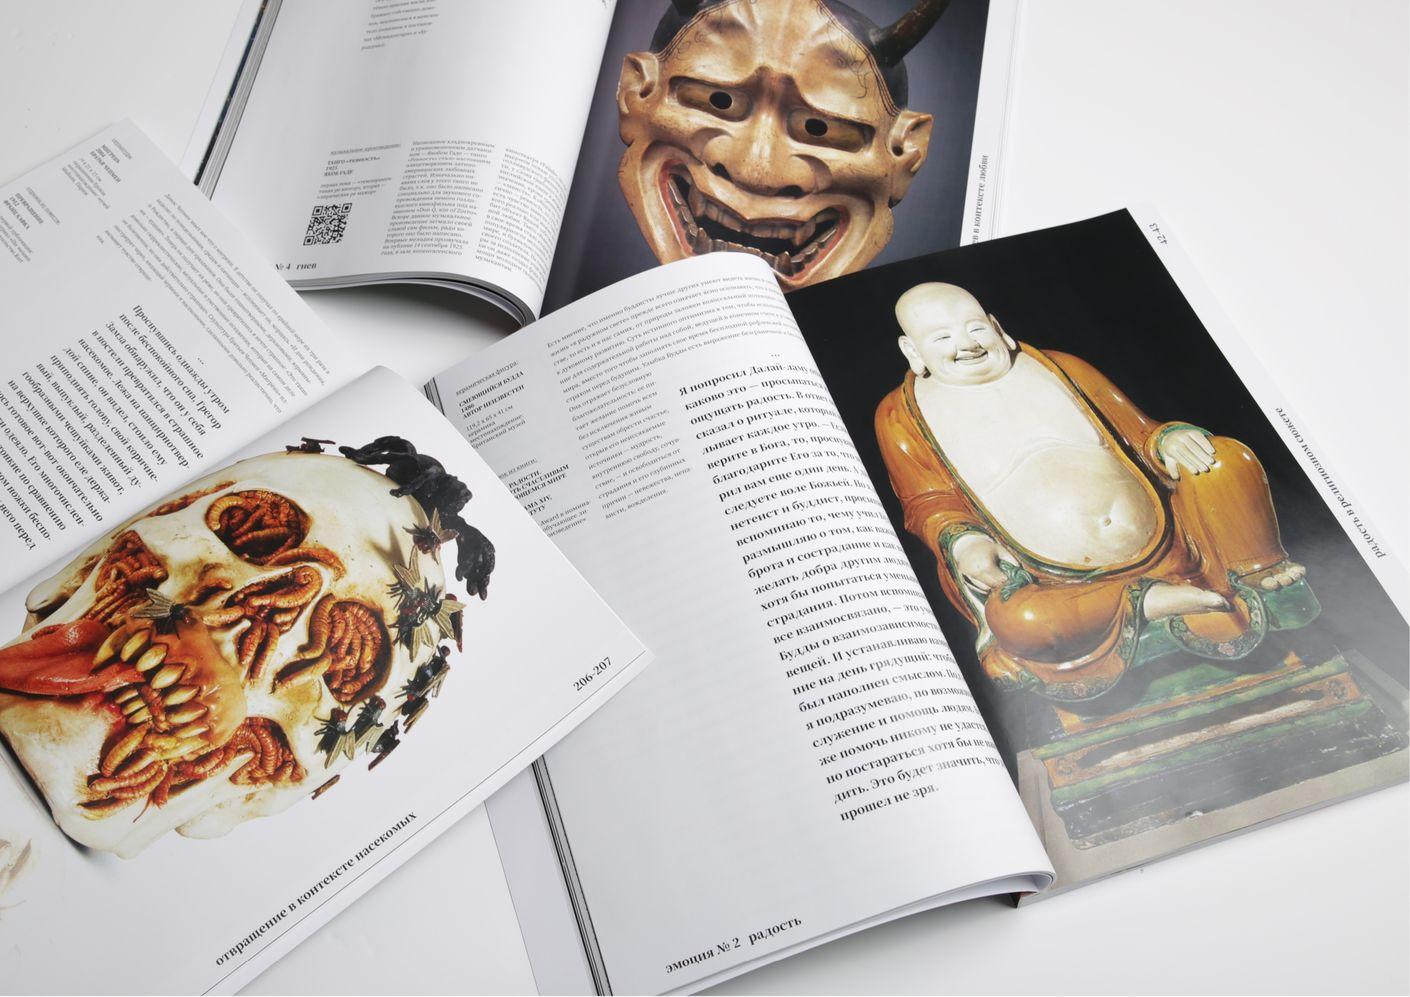 Эмоции. Семь базовых эмоций человека в контексте искусства. Визуальное исследование, книга с оригинальной идеей - hsedesignlab.ru.